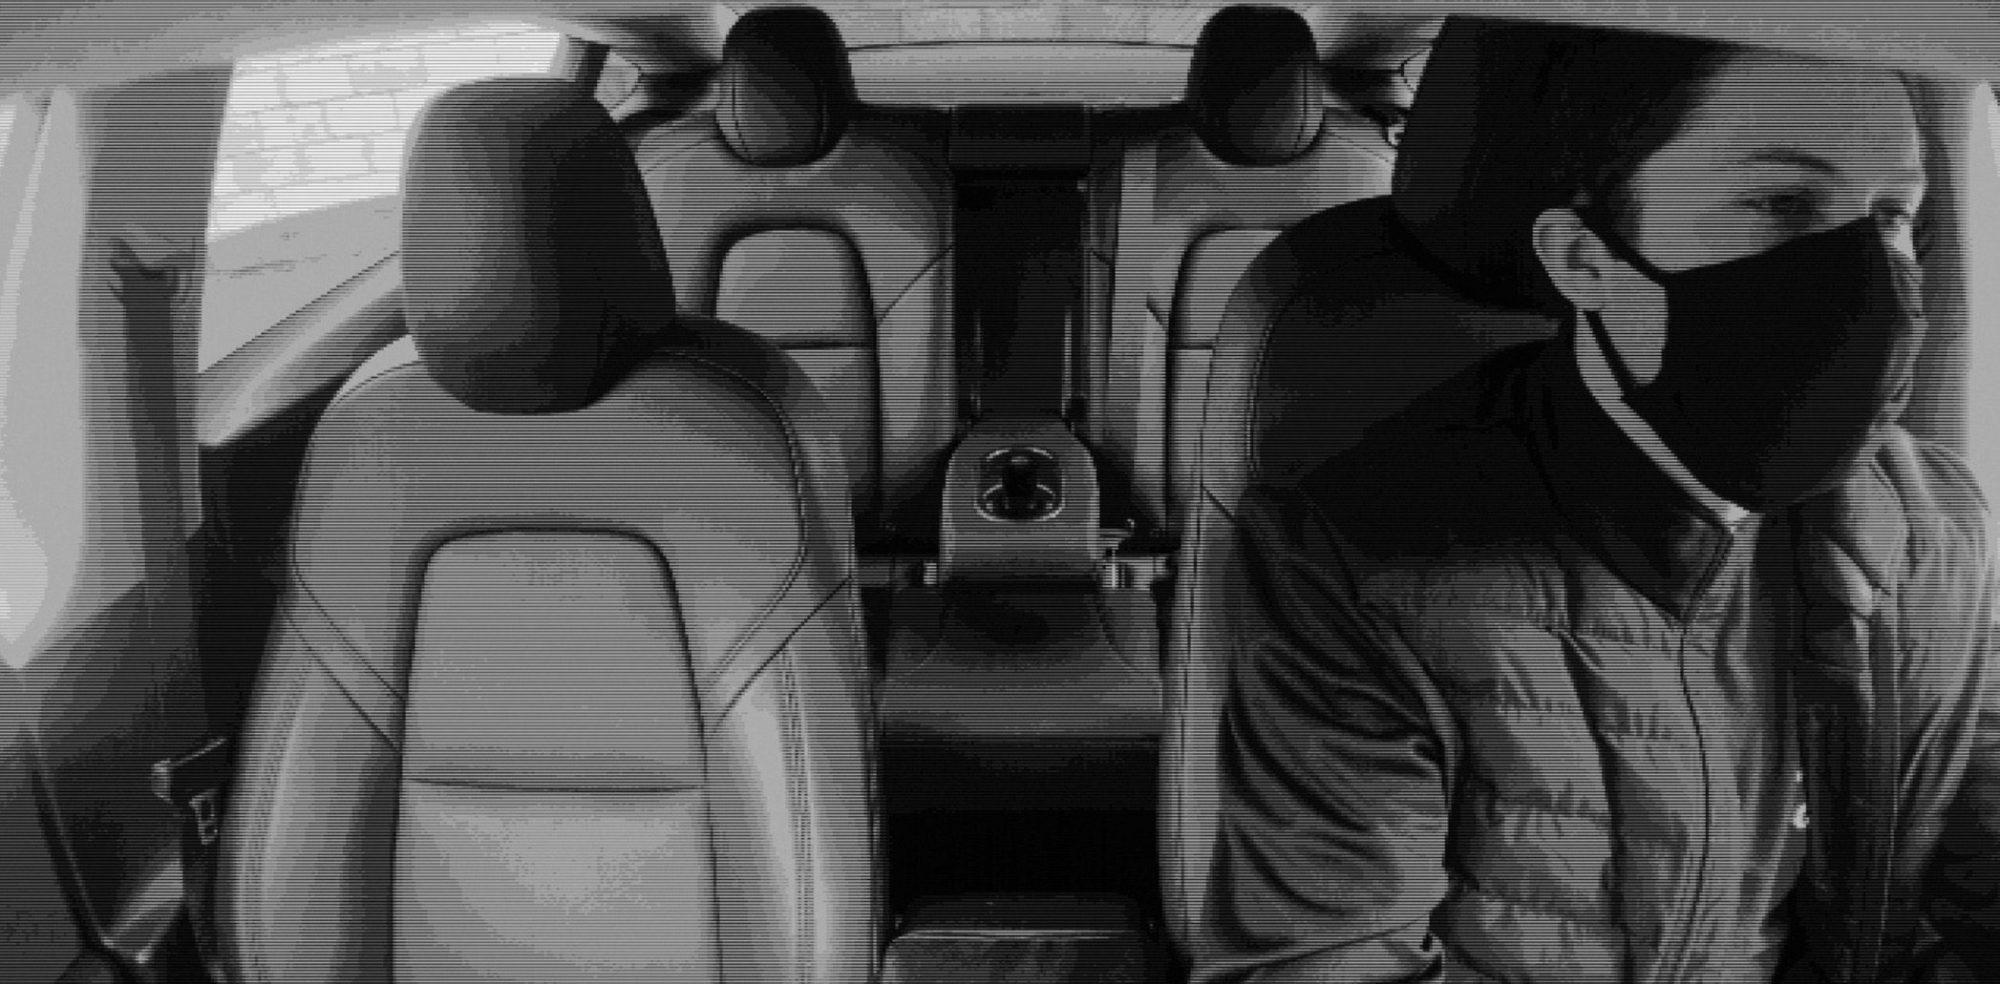 Илон Маск раскрыл предназначение камеры над зеркалом заднего вида в Tesla Model 3 - 2